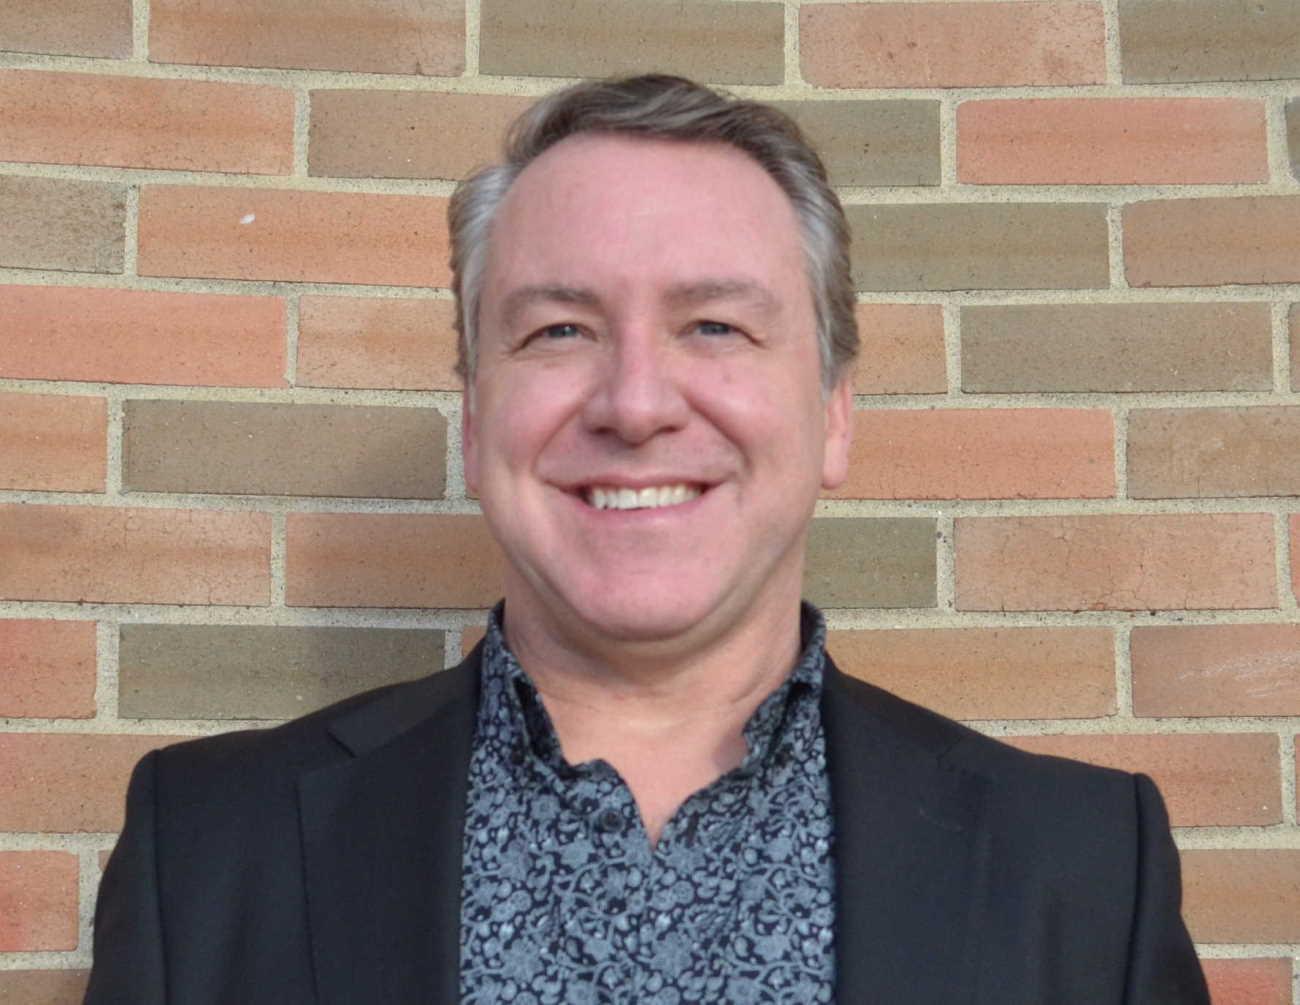 Kent Rupert, Executive Director